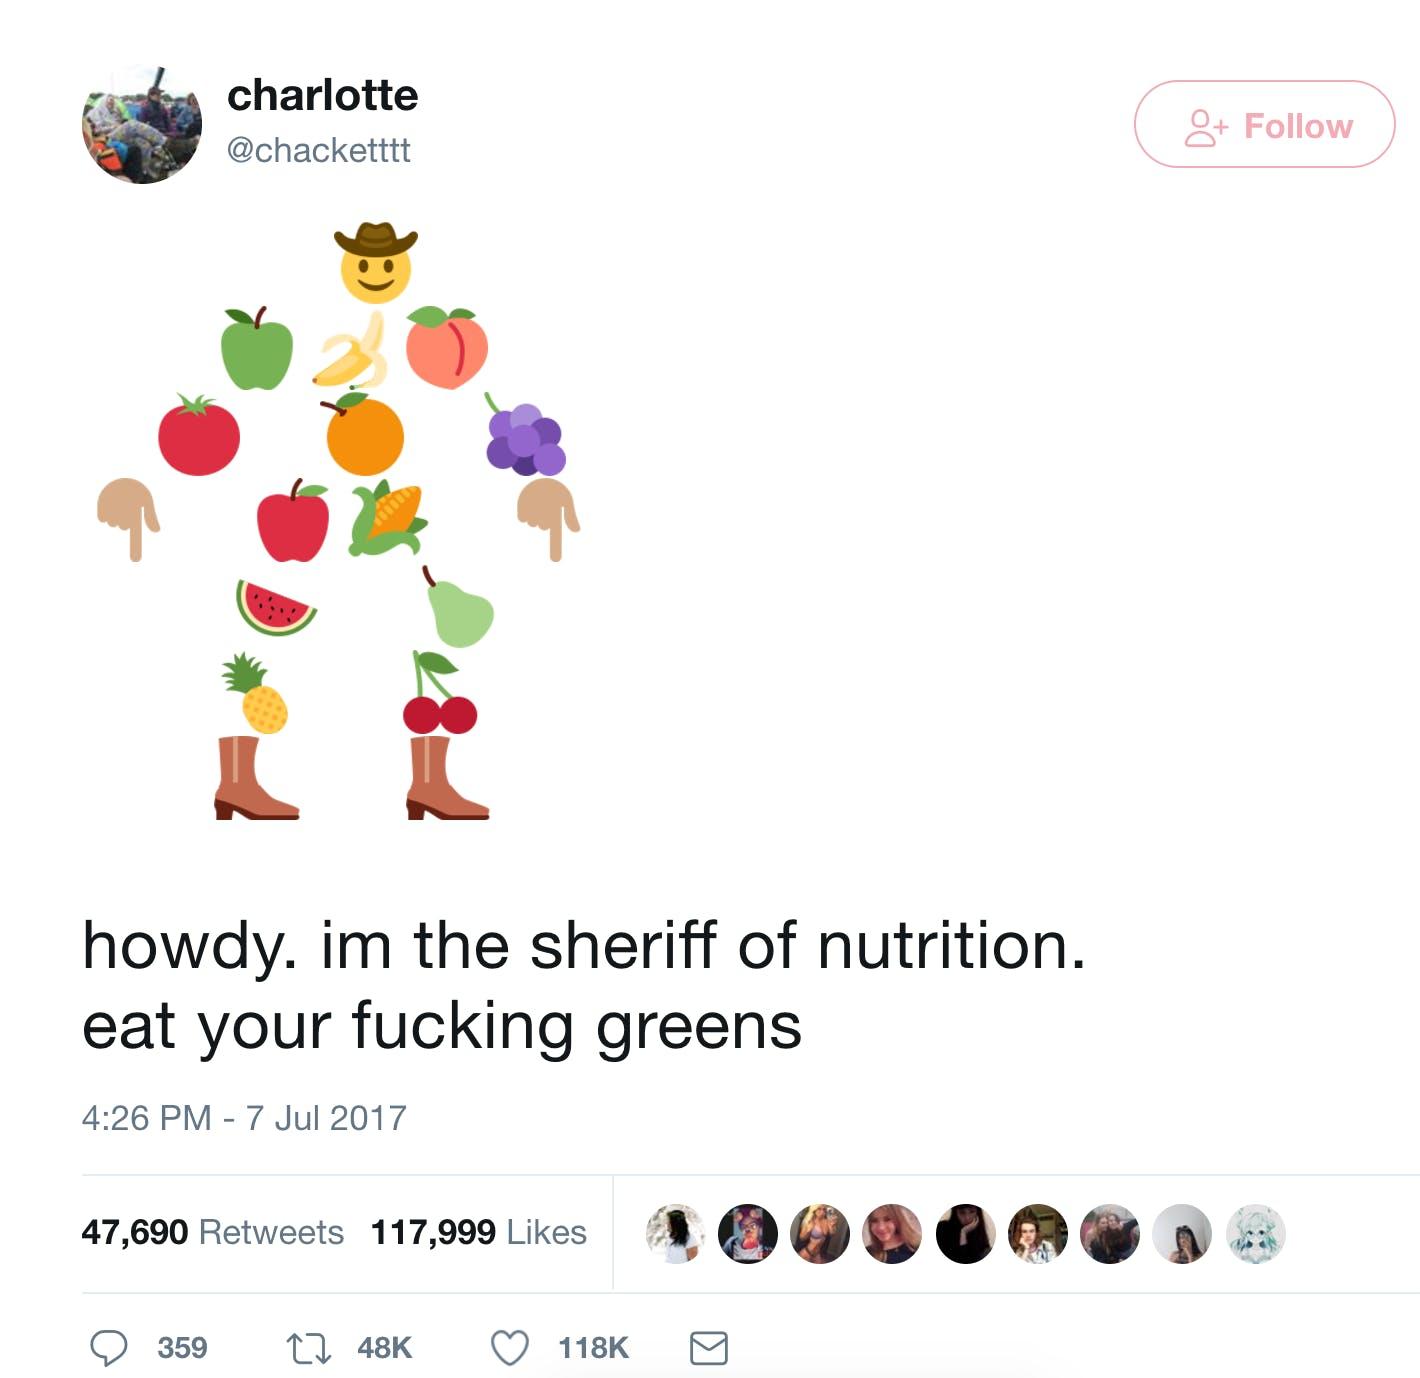 memes 2017 : I'm the sheriff